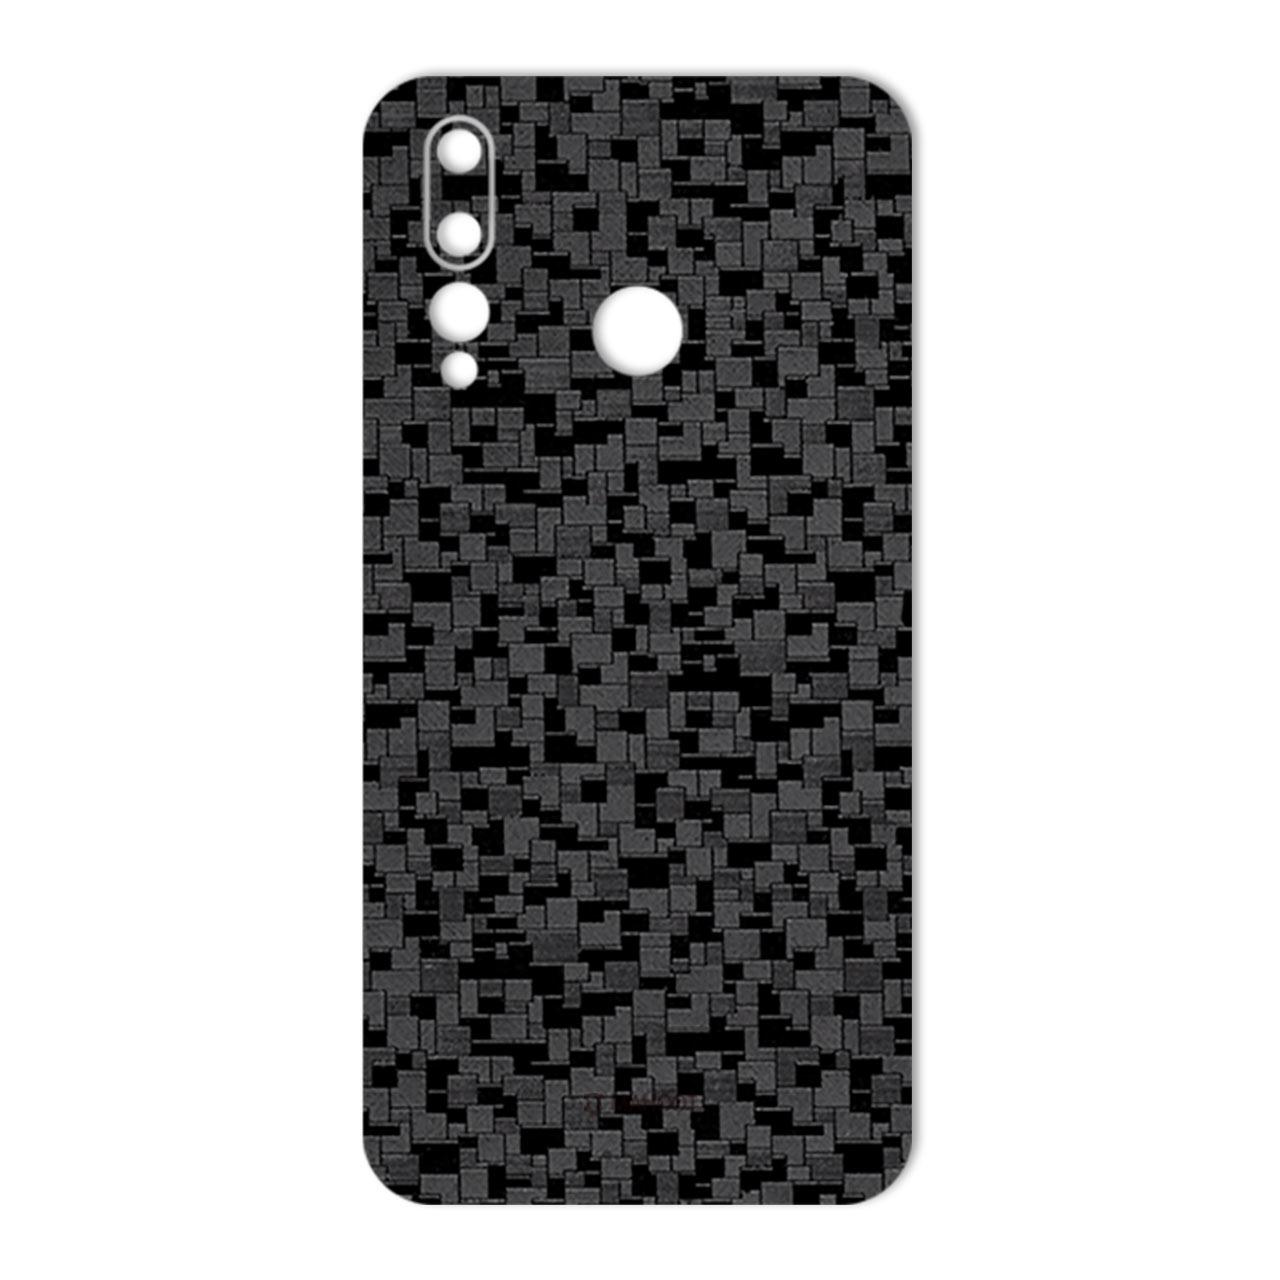 برچسب پوششی ماهوت طرح Texture مناسب برای گوشی موبایل هوآوی Nova 4